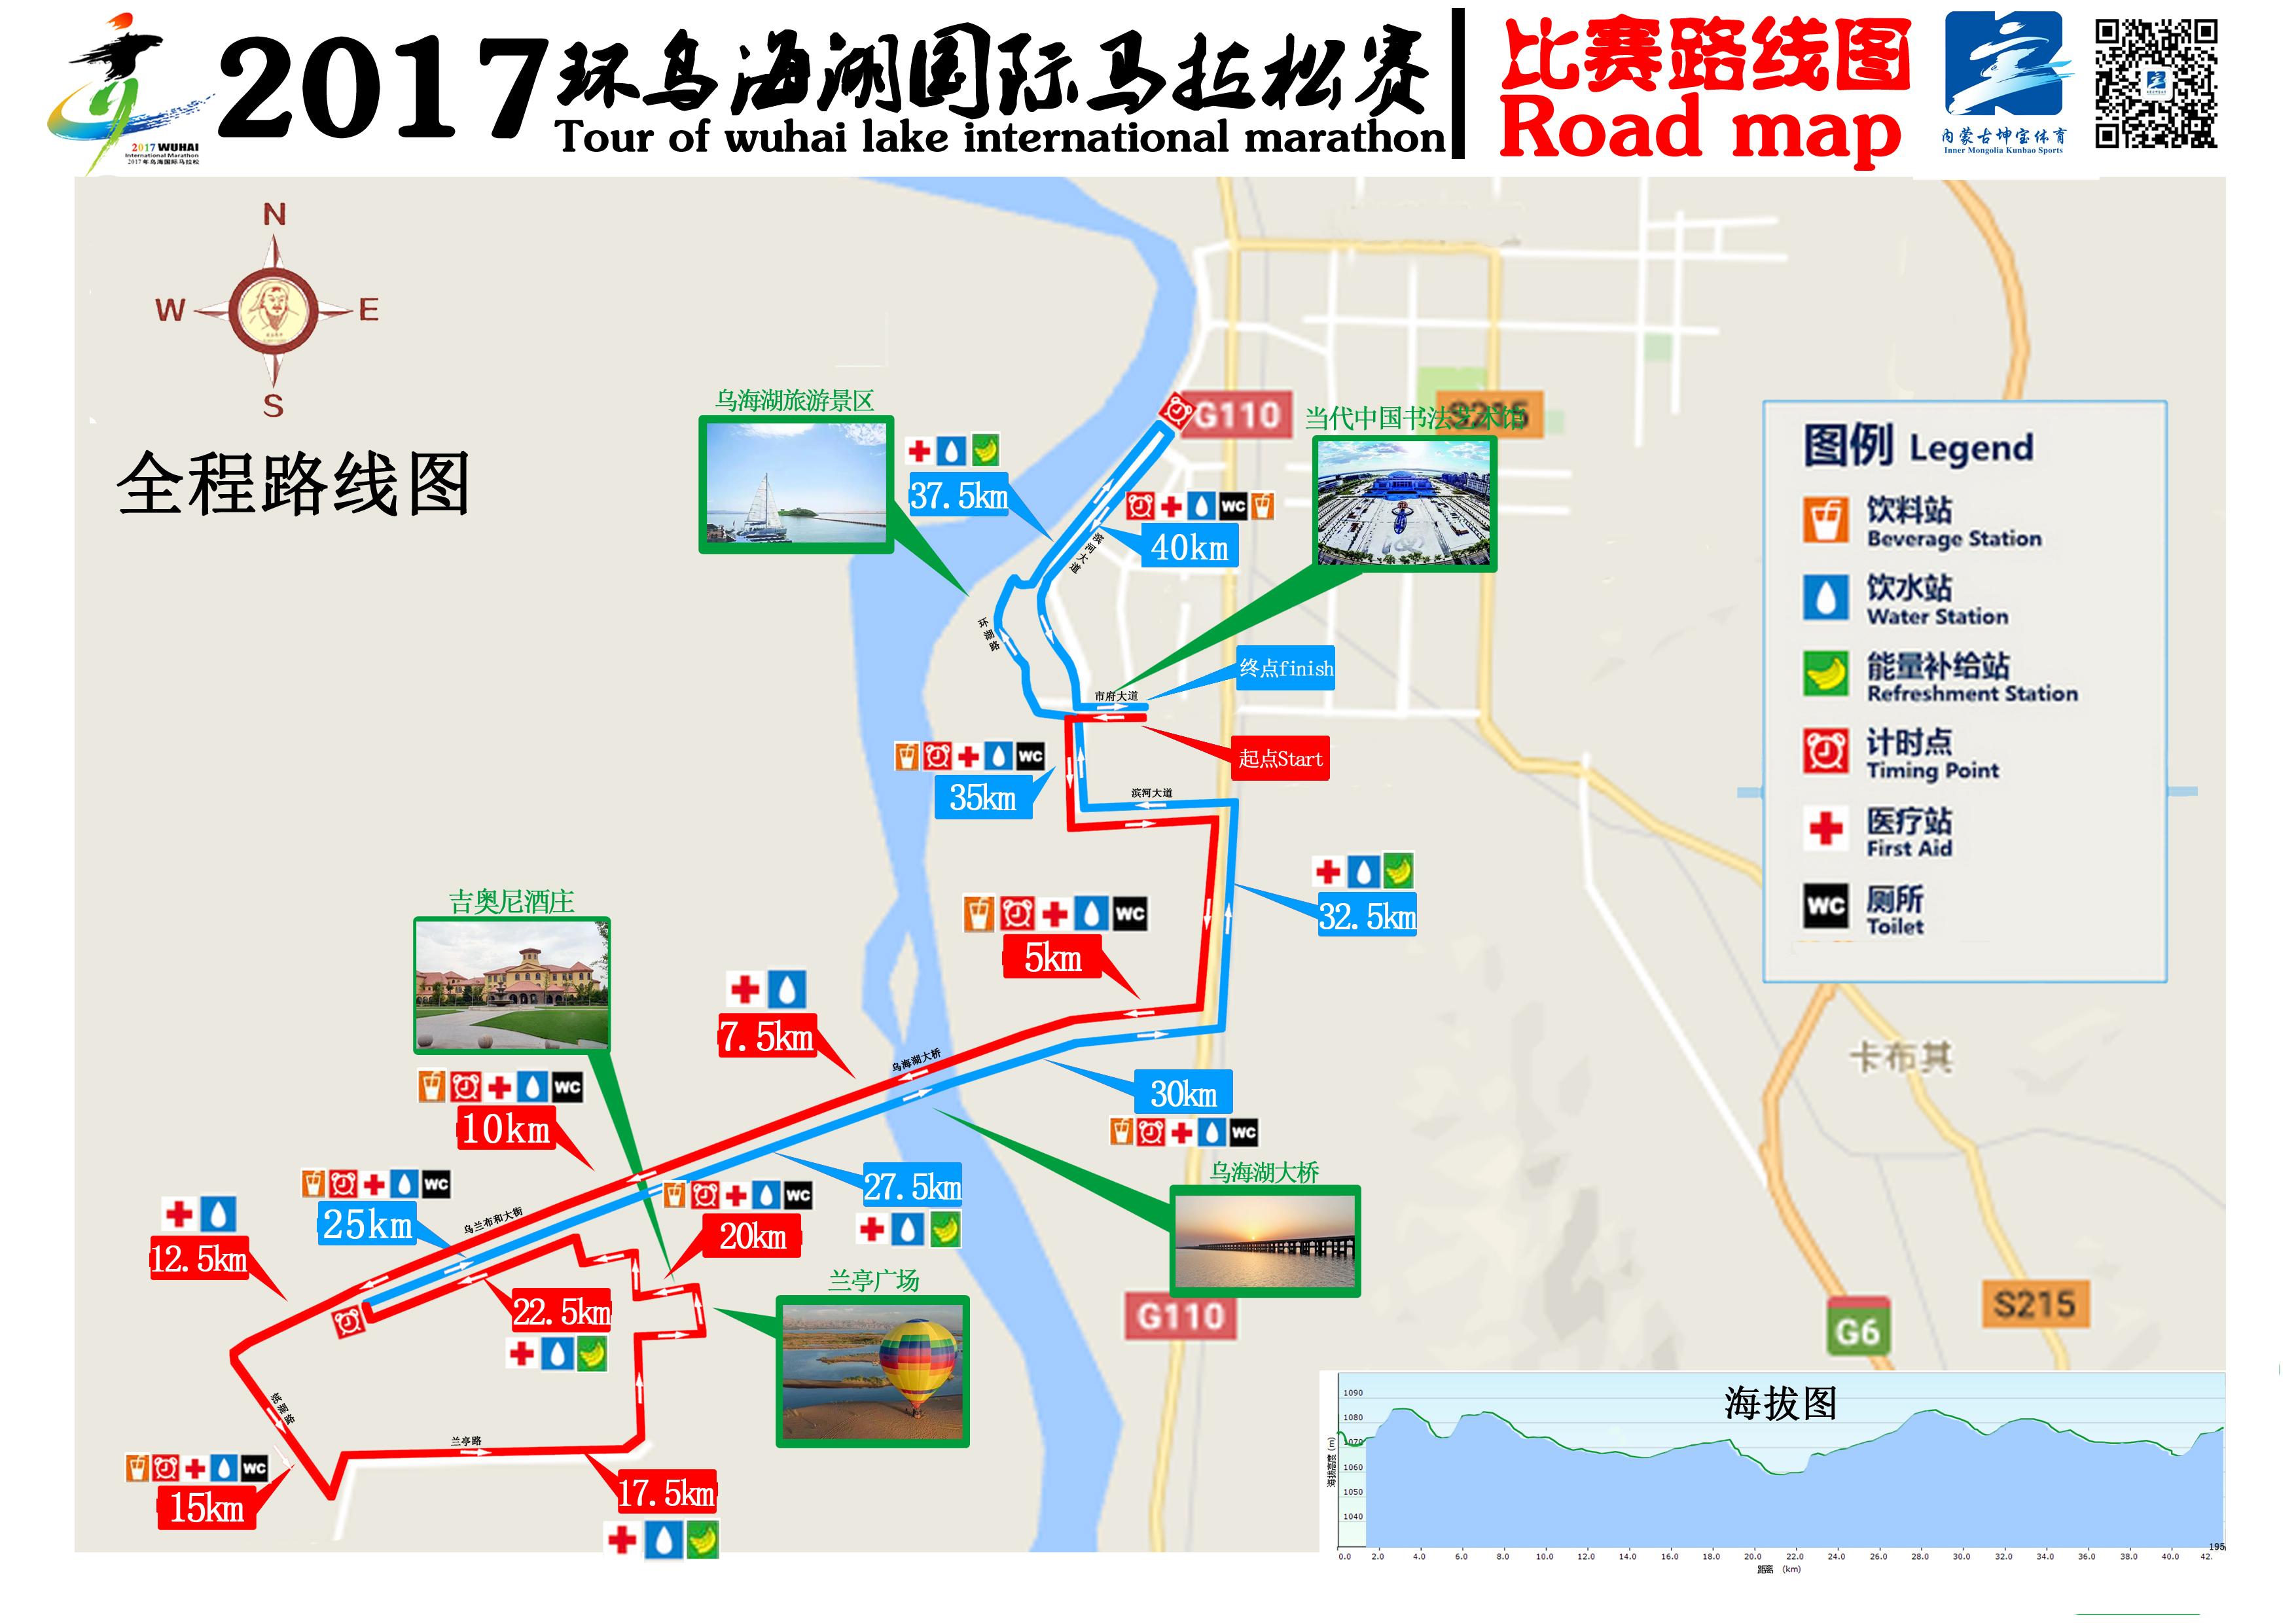 值得一提的是,本届乌海湖国际马拉松赛赛道全面升级.